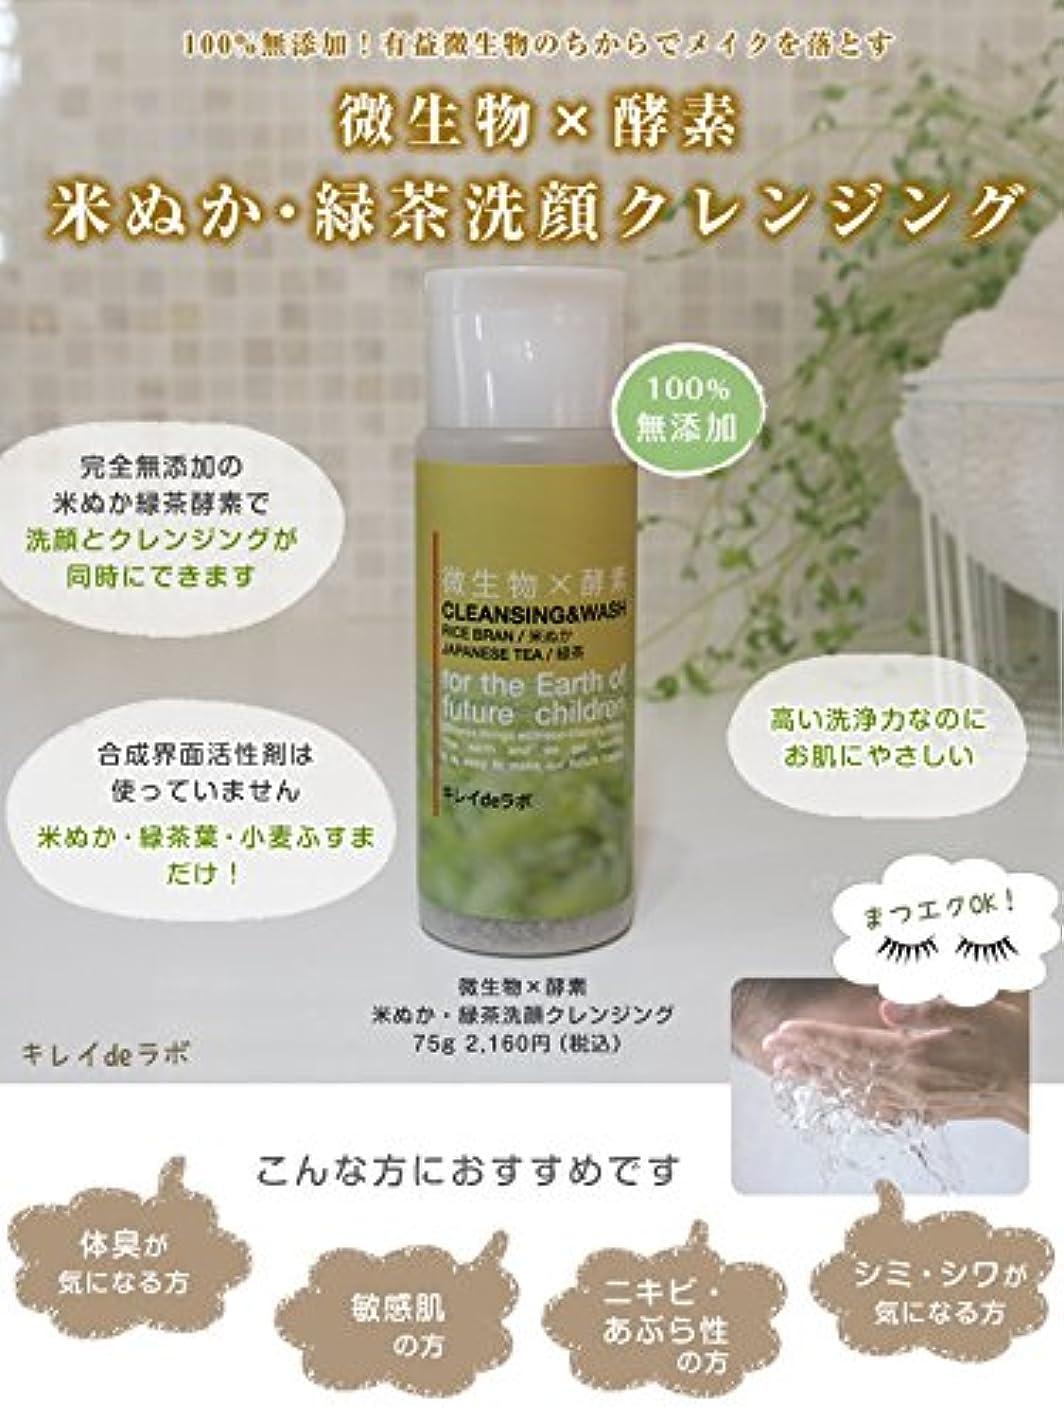 補助居間ボリューム微生物×酵素 米ぬか緑茶洗顔クレンジング100%無添加 マツエクOK … (本体 75g) みんなでみらいを 米ぬか使用